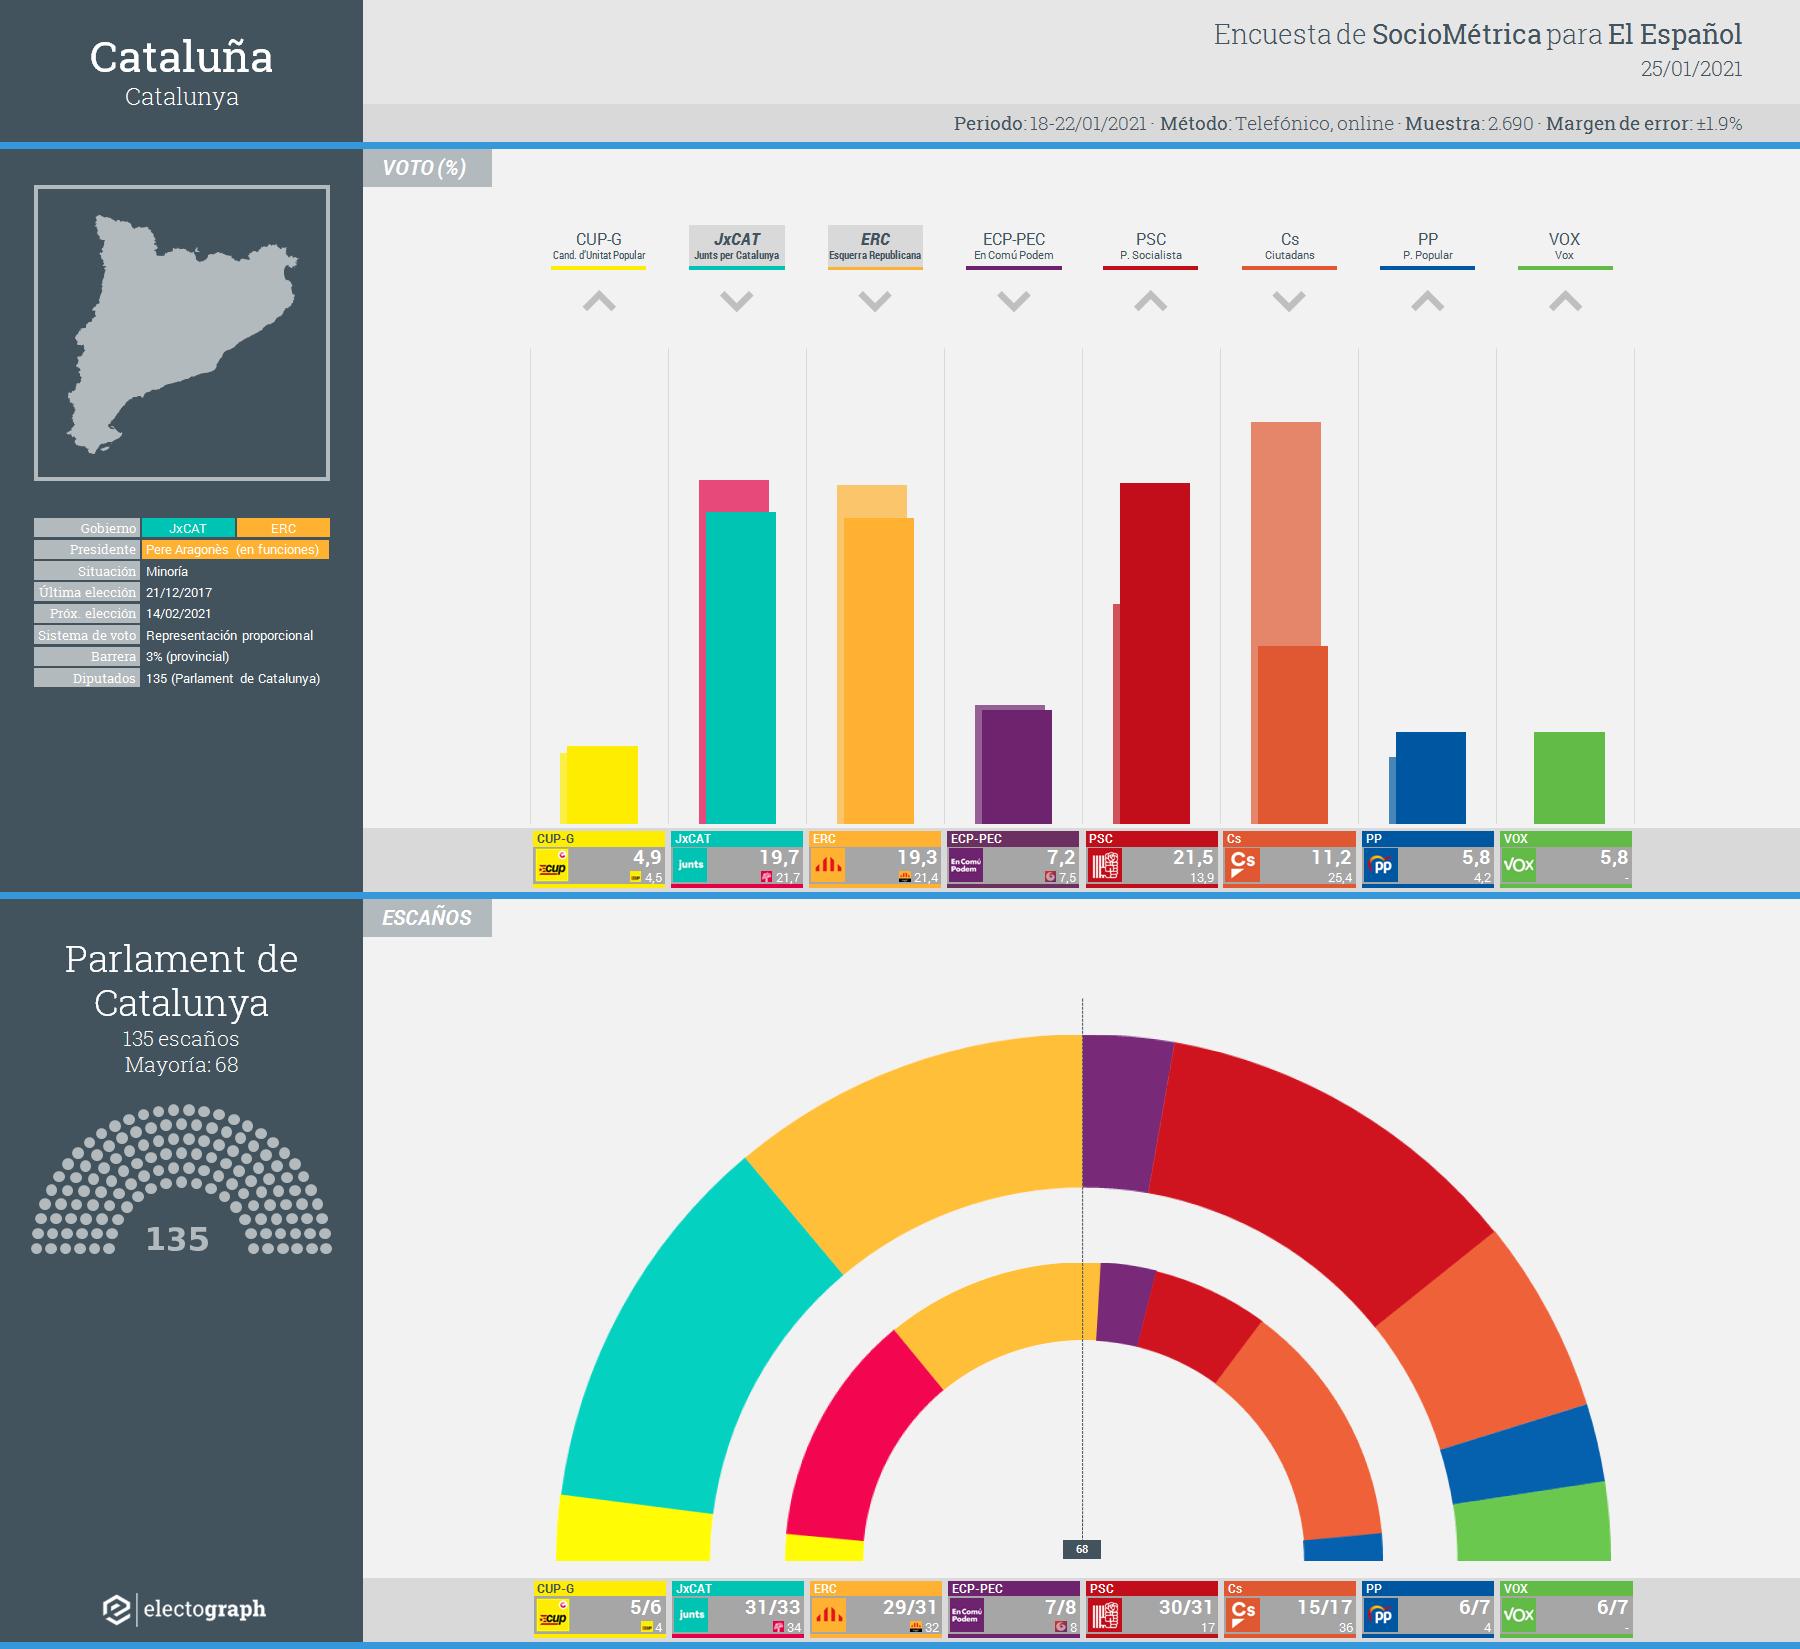 Gráfico de la encuesta para elecciones generales en Cataluña realizada por SocioMétrica para El Español, 25 de enero de 2021